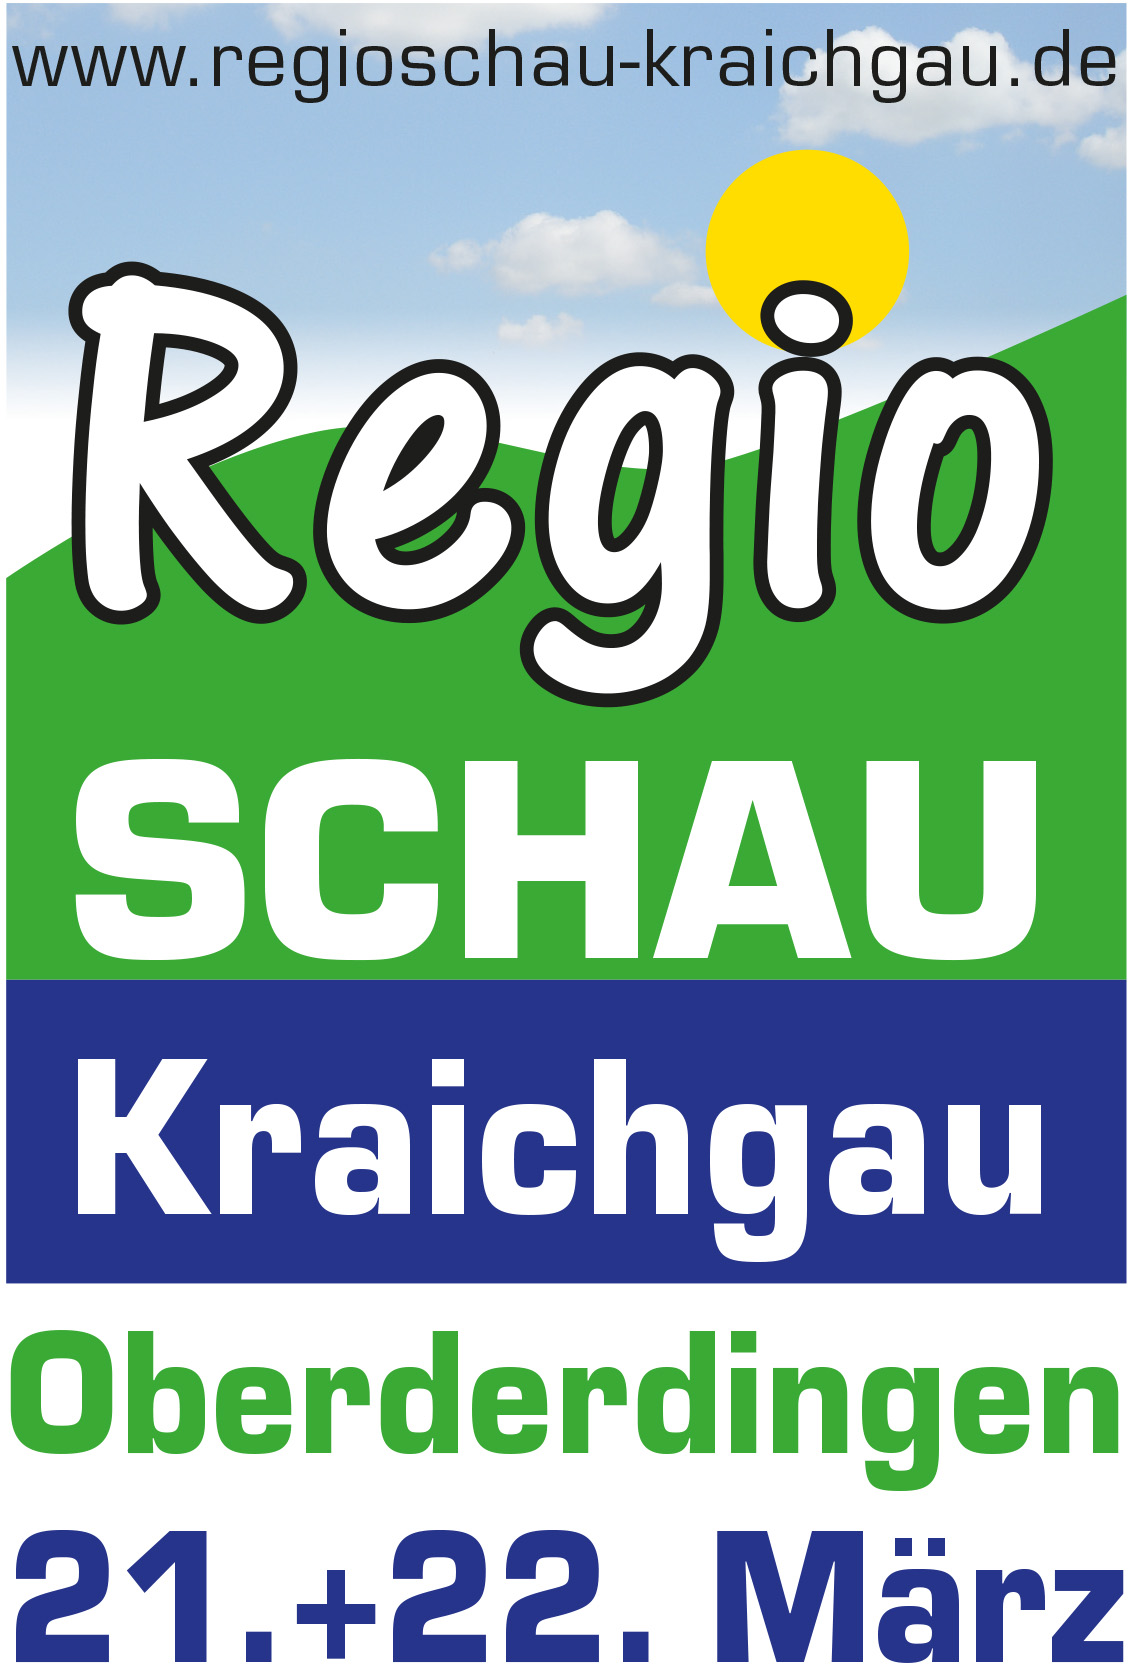 Regioschau Kraichgau eckig